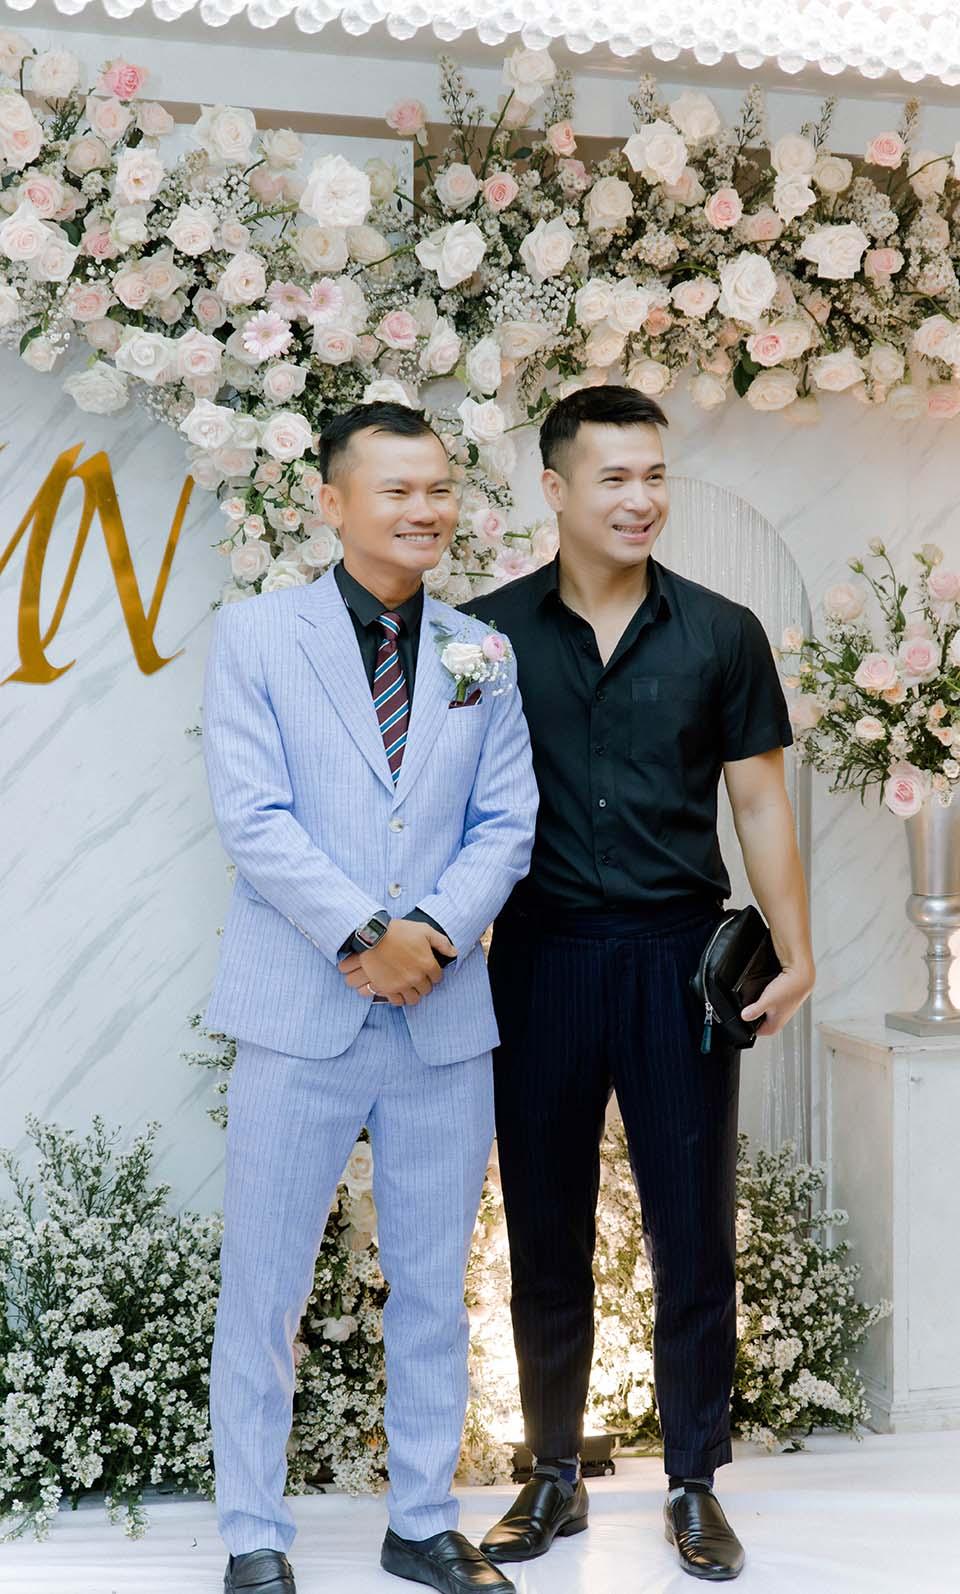 """Sao Việt dự đám cưới của """"hoa hậu Bolero"""" được chồng tặng 15 sổ tiết kiệm - hình ảnh 1"""